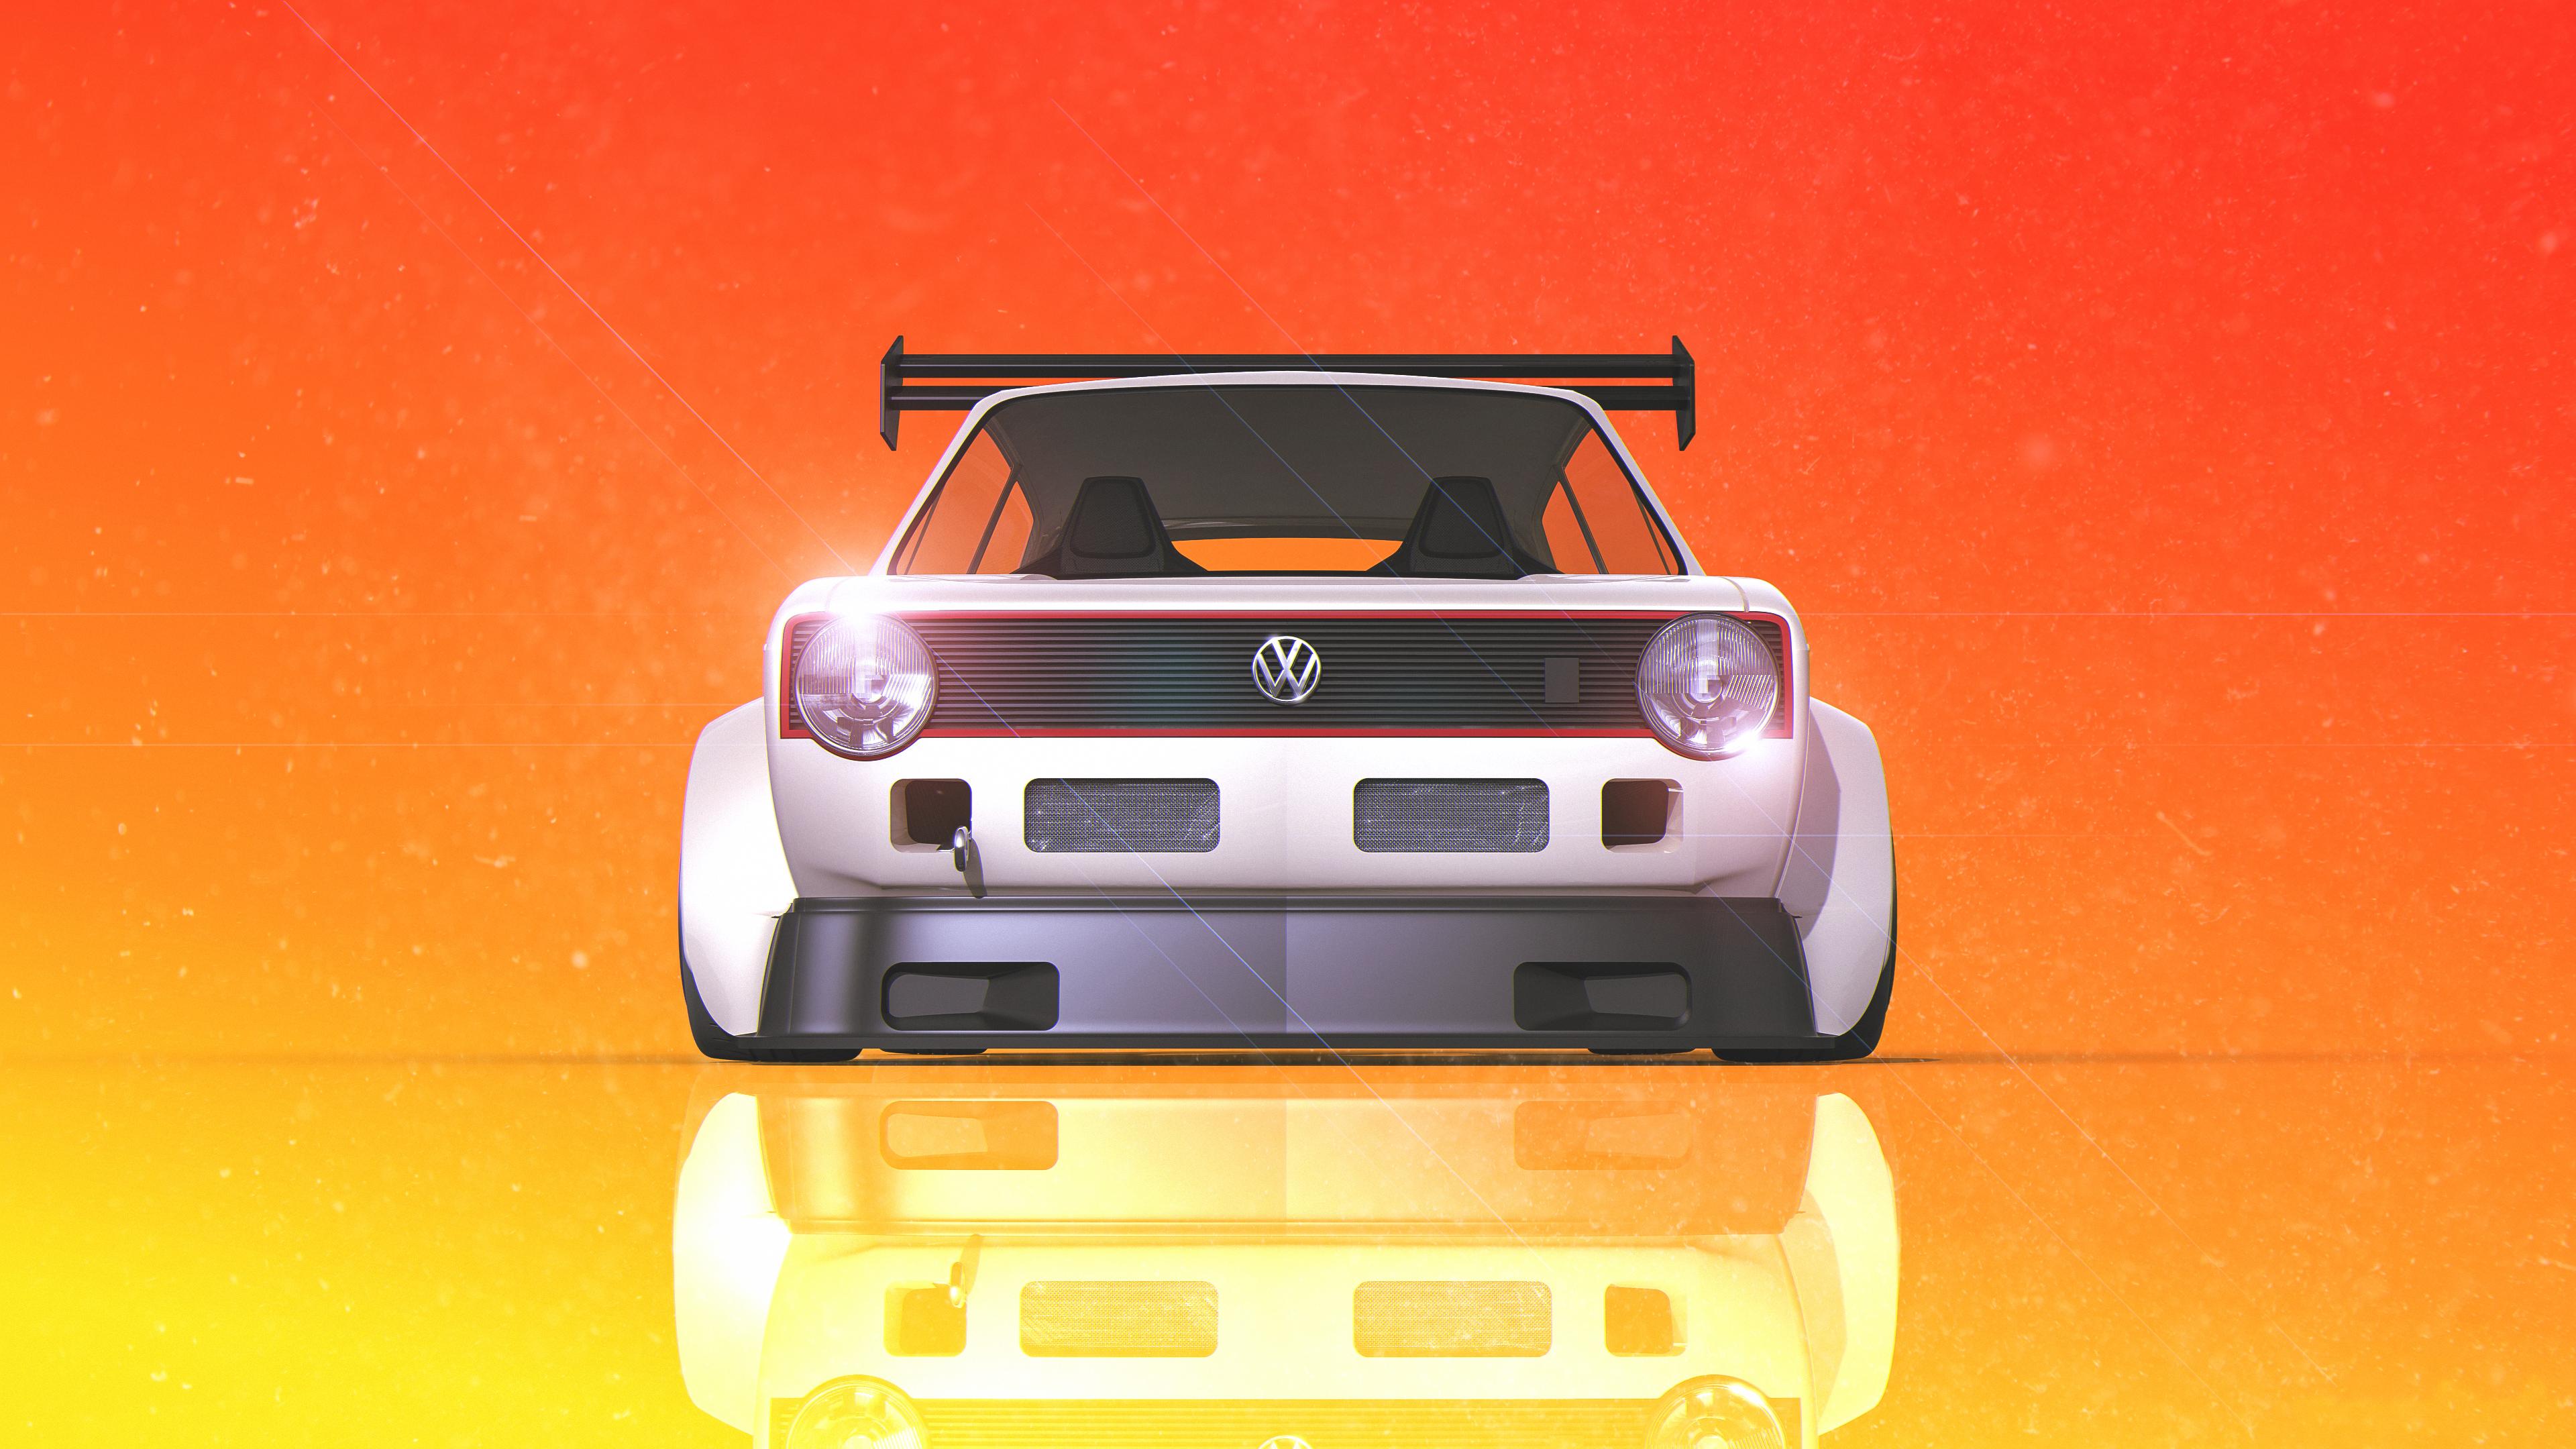 volkswagen golf gti digital art 4k 1546361526 - Volkswagen Golf Gti Digital Art 4k - volkswagen wallpapers, volkswagen gti wallpapers, hd-wallpapers, digital art wallpapers, cars wallpapers, artwork wallpapers, artist wallpapers, 4k-wallpapers